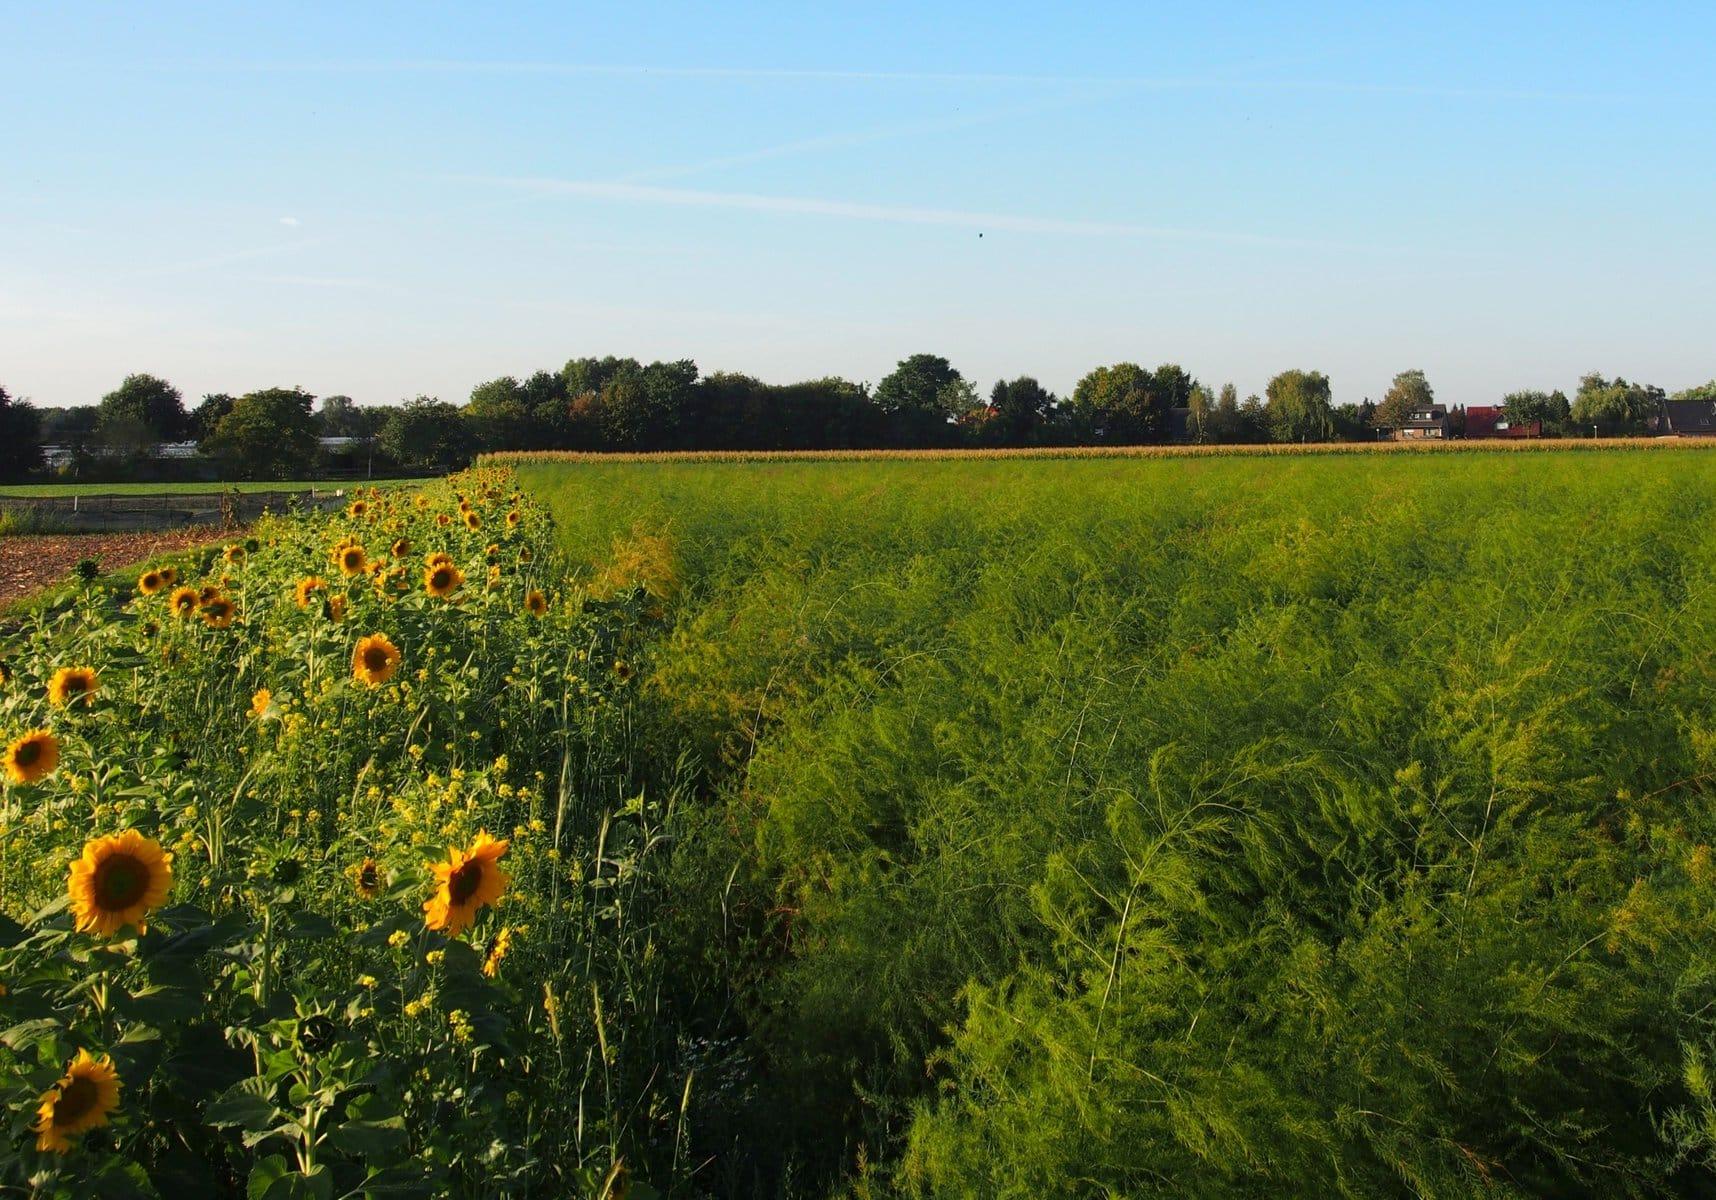 Blühstreifen für die Artenvielfalt – deutsche Spargelproduzenten lassen Feldränder erblühen